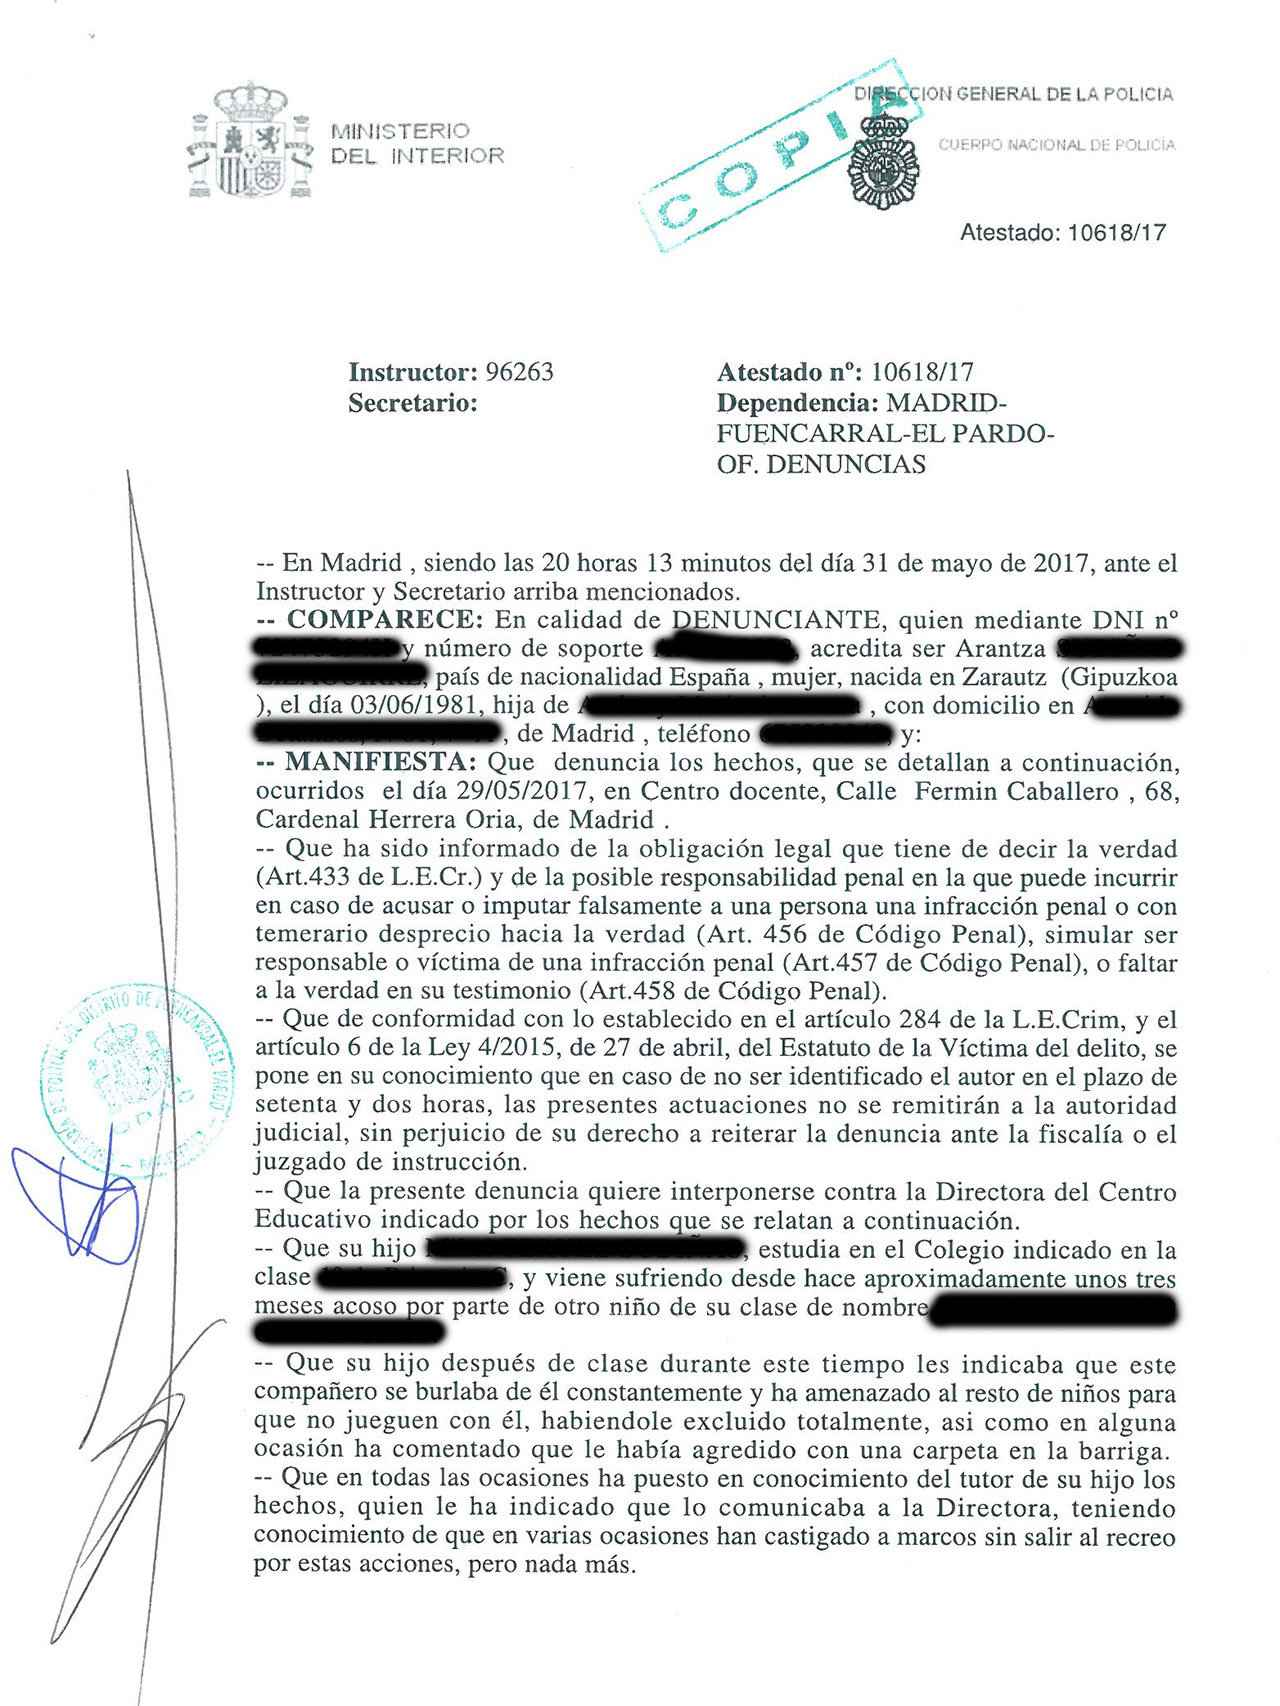 Copia de la denuncia de la madre de Nacho tras la presunta agresión